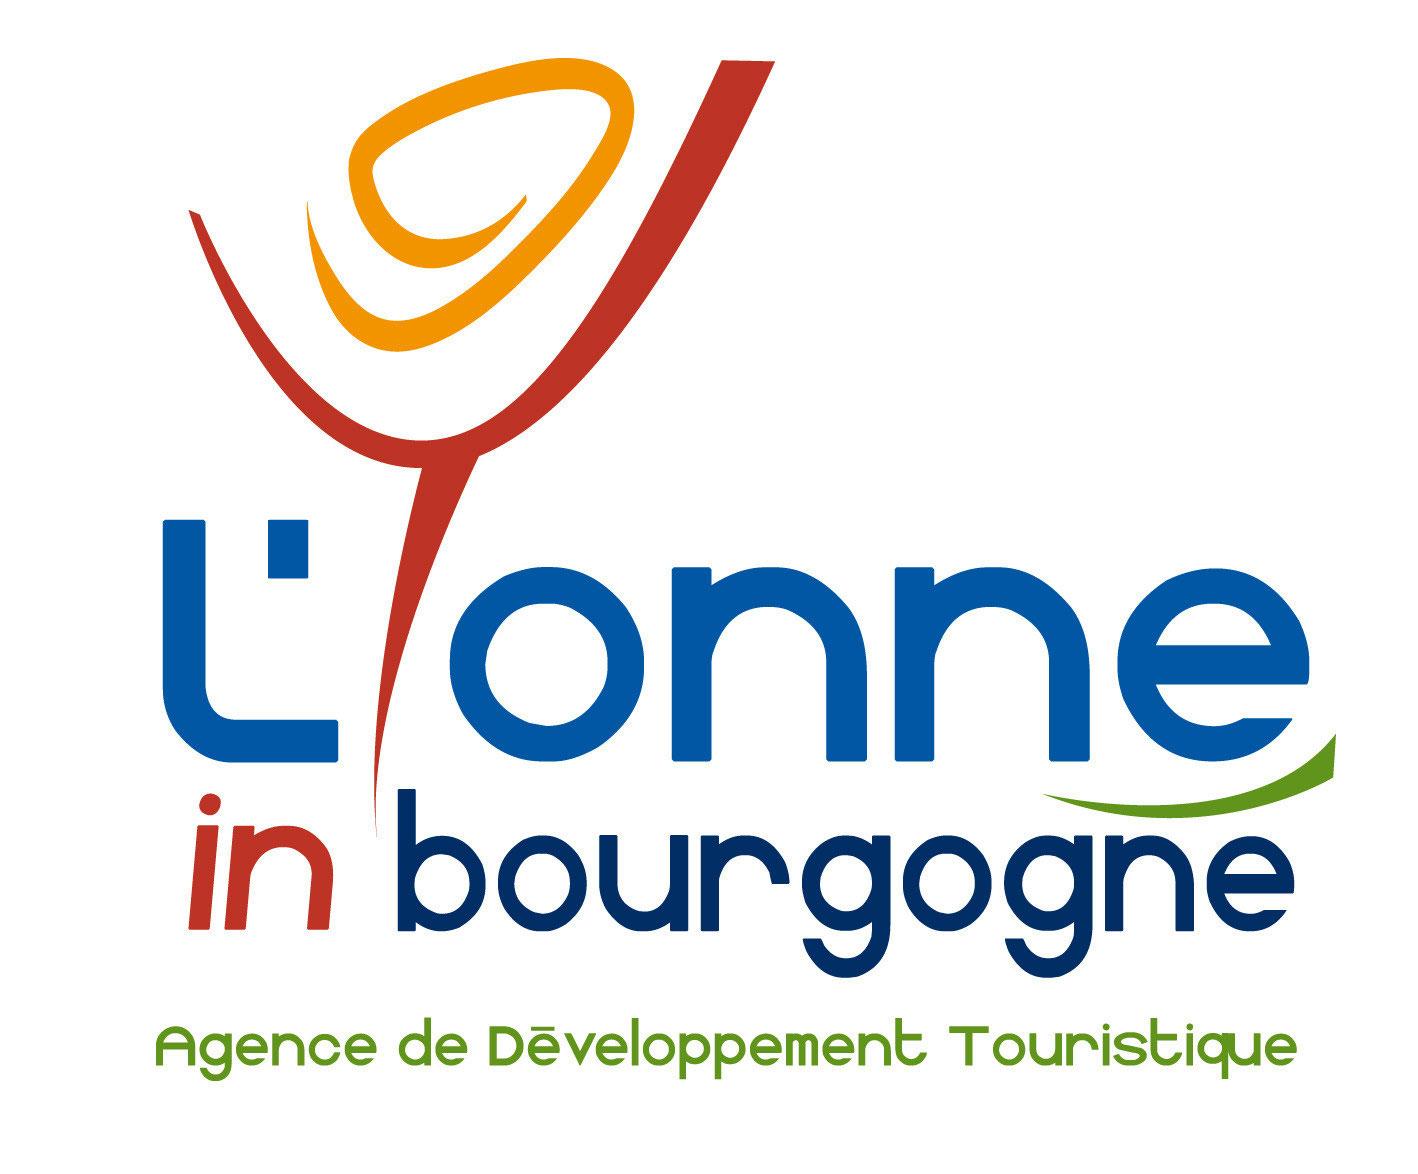 (c) Campingdeslancieres.fr